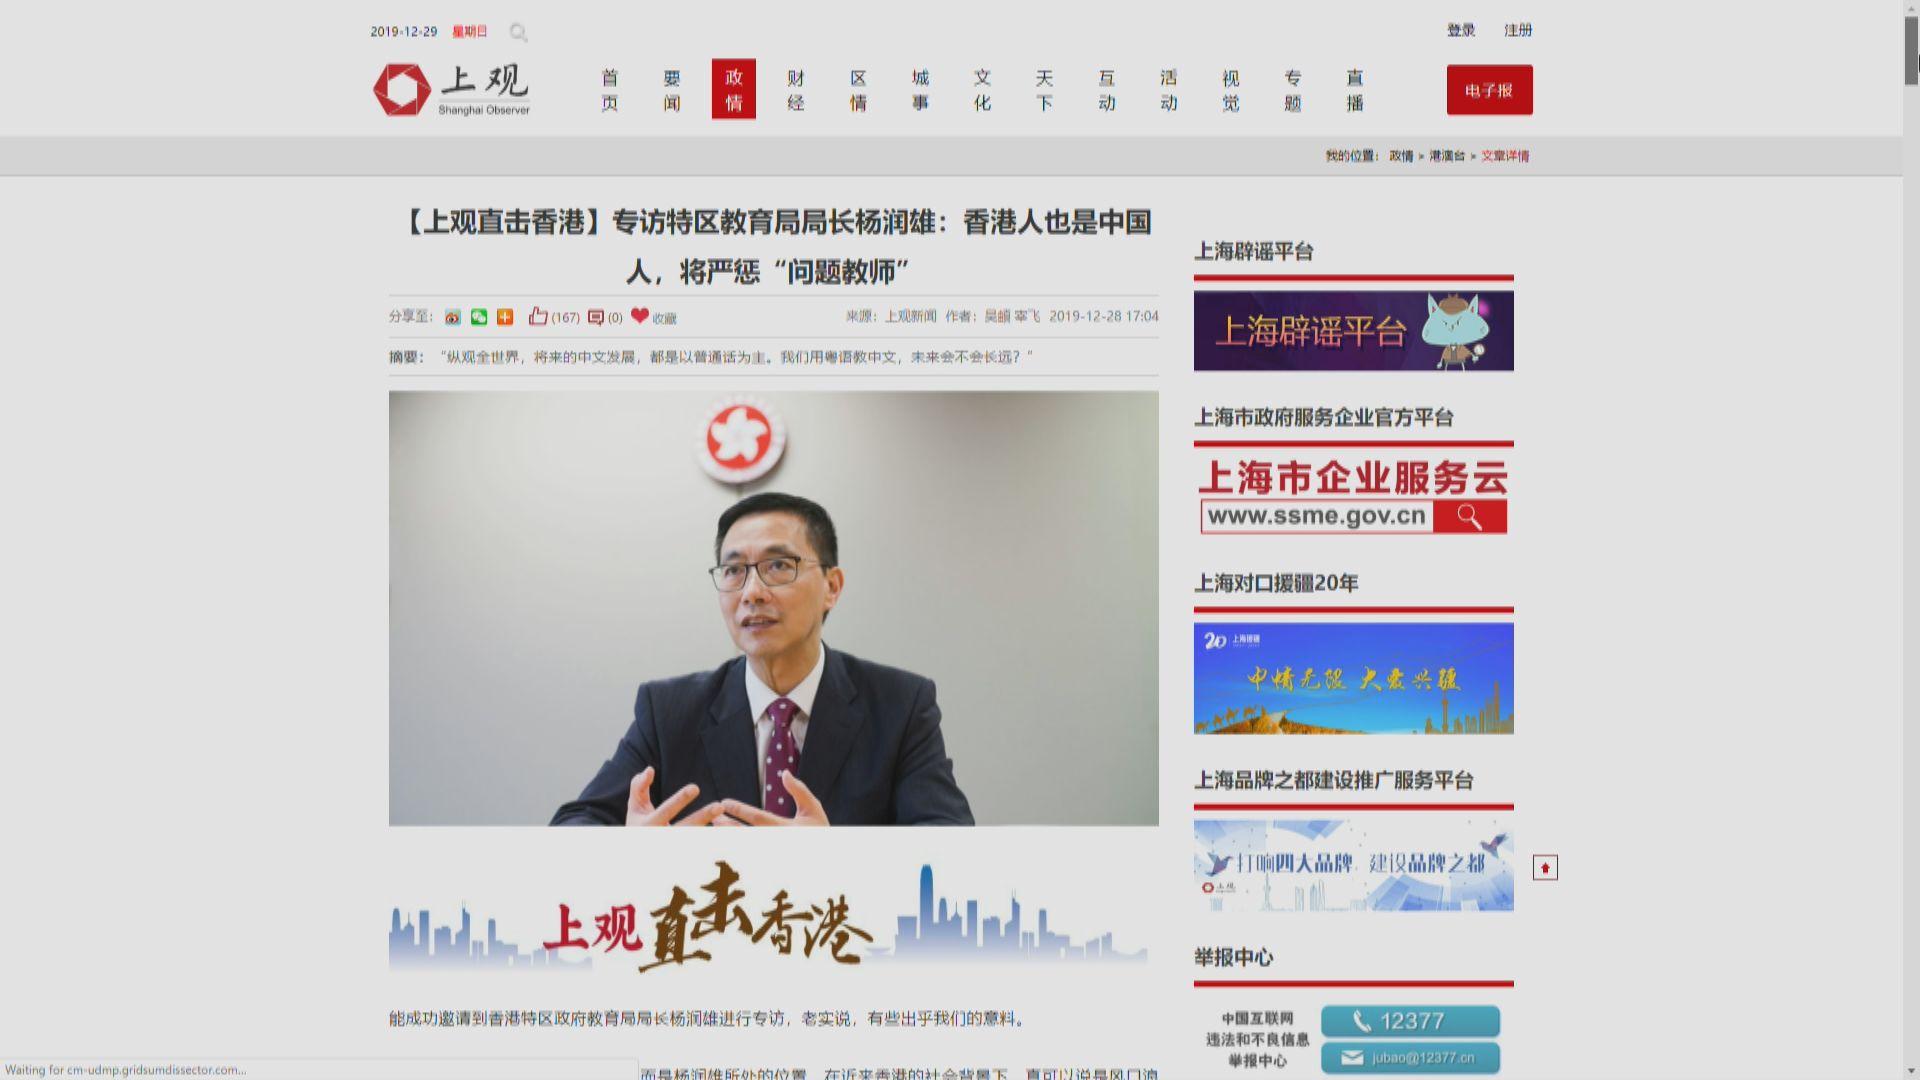 楊潤雄:若校長已不能勝任 局方有權取消資格